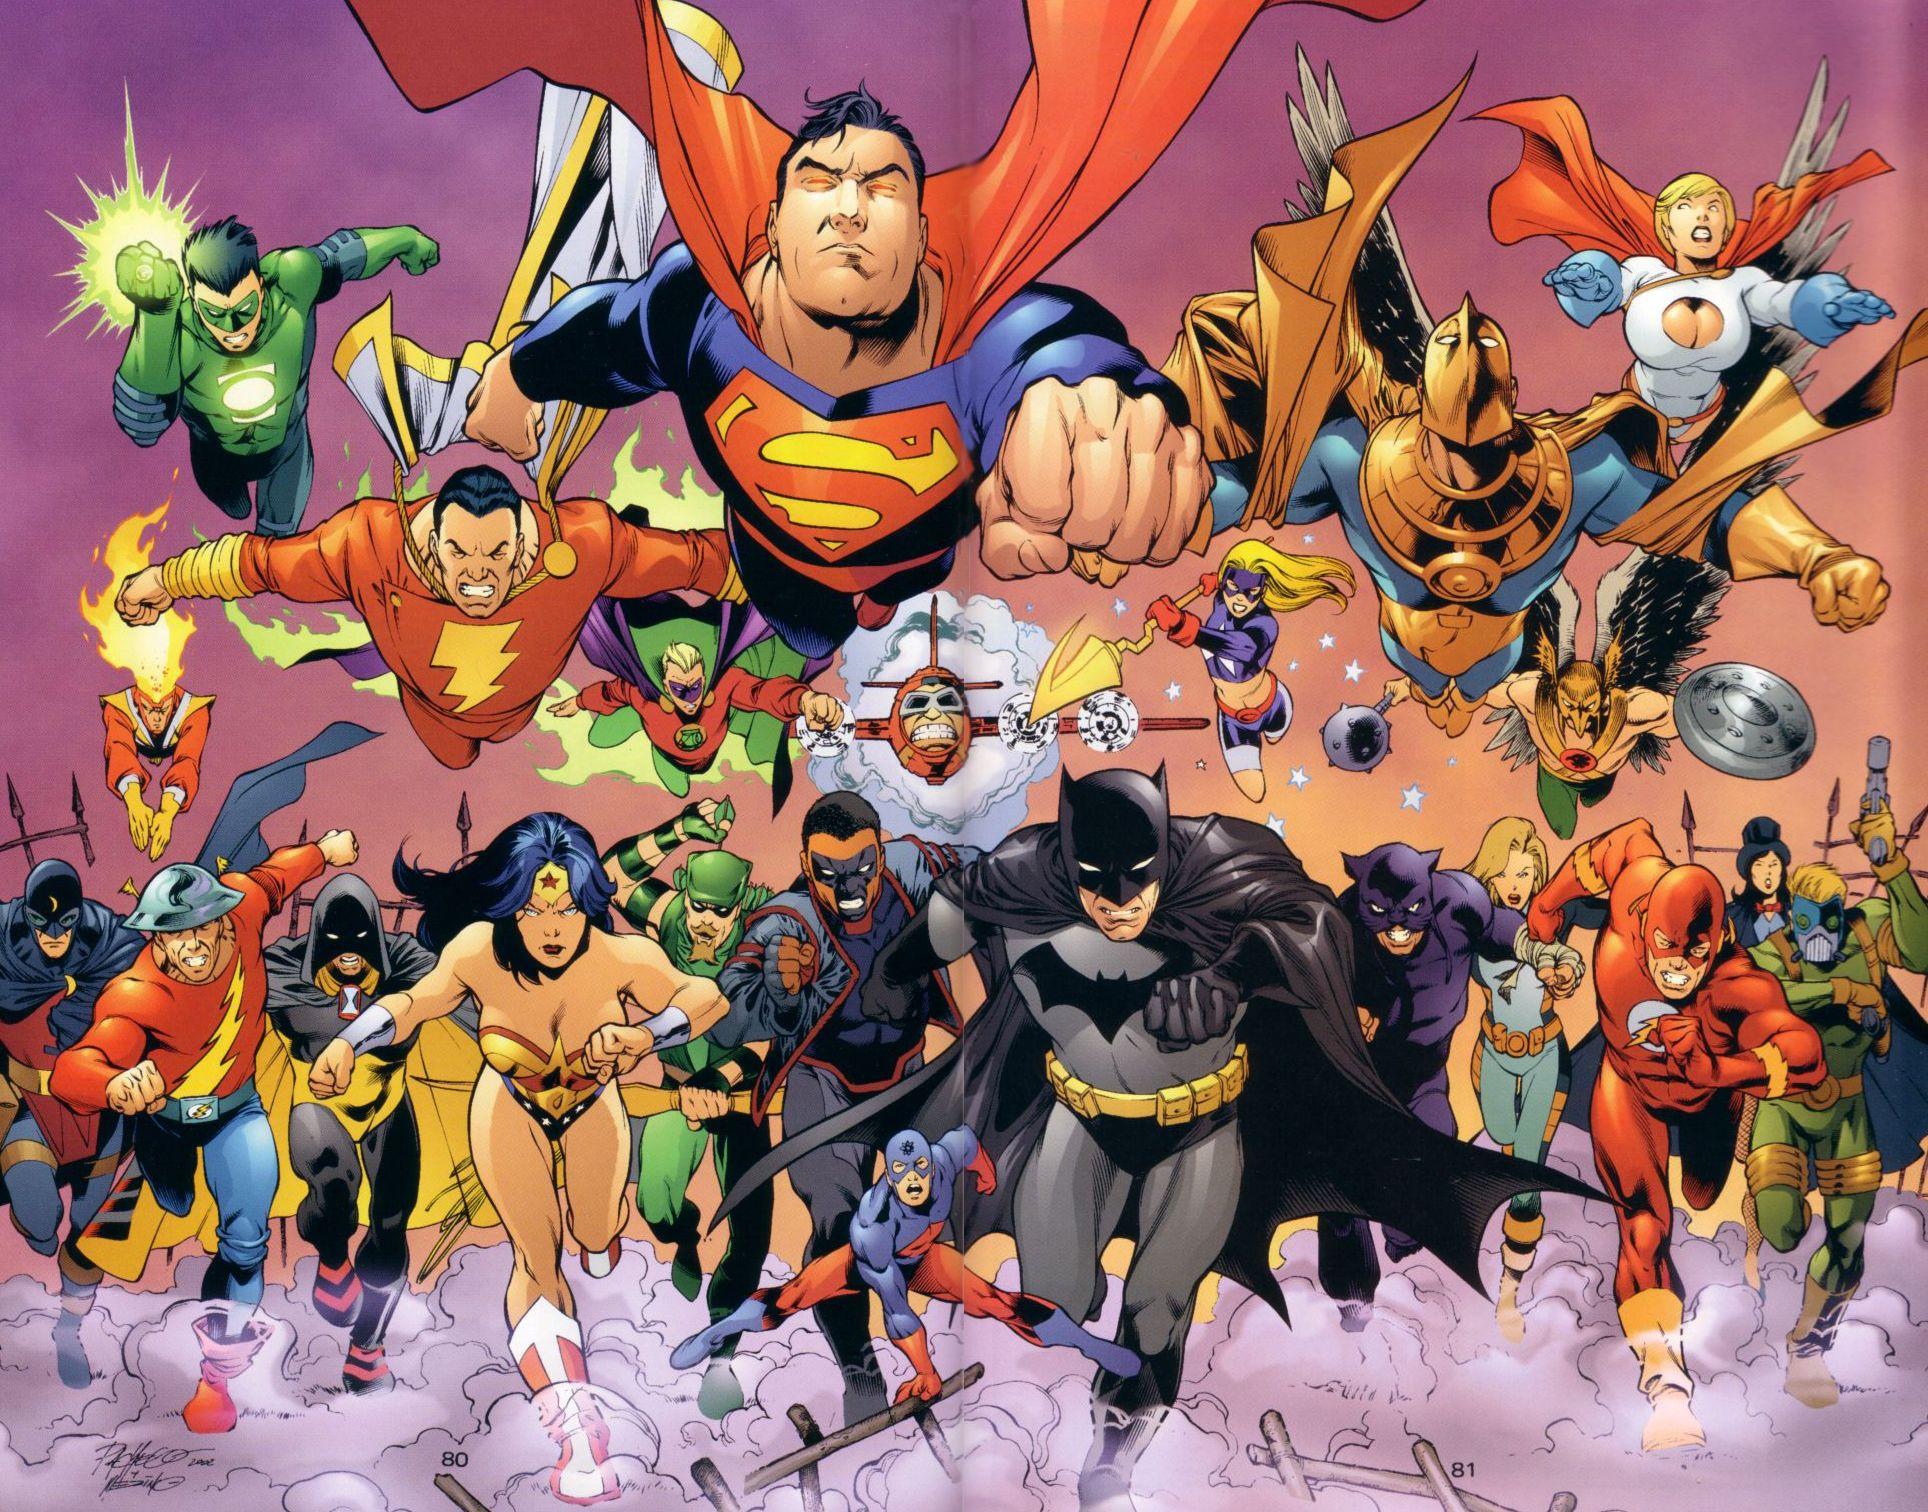 """Черт, Нолан будет один из сценаристов """"Лиги Справедливости"""". Прощай хоть какая основа на комиксах, прощай нормальный ... - Изображение 1"""